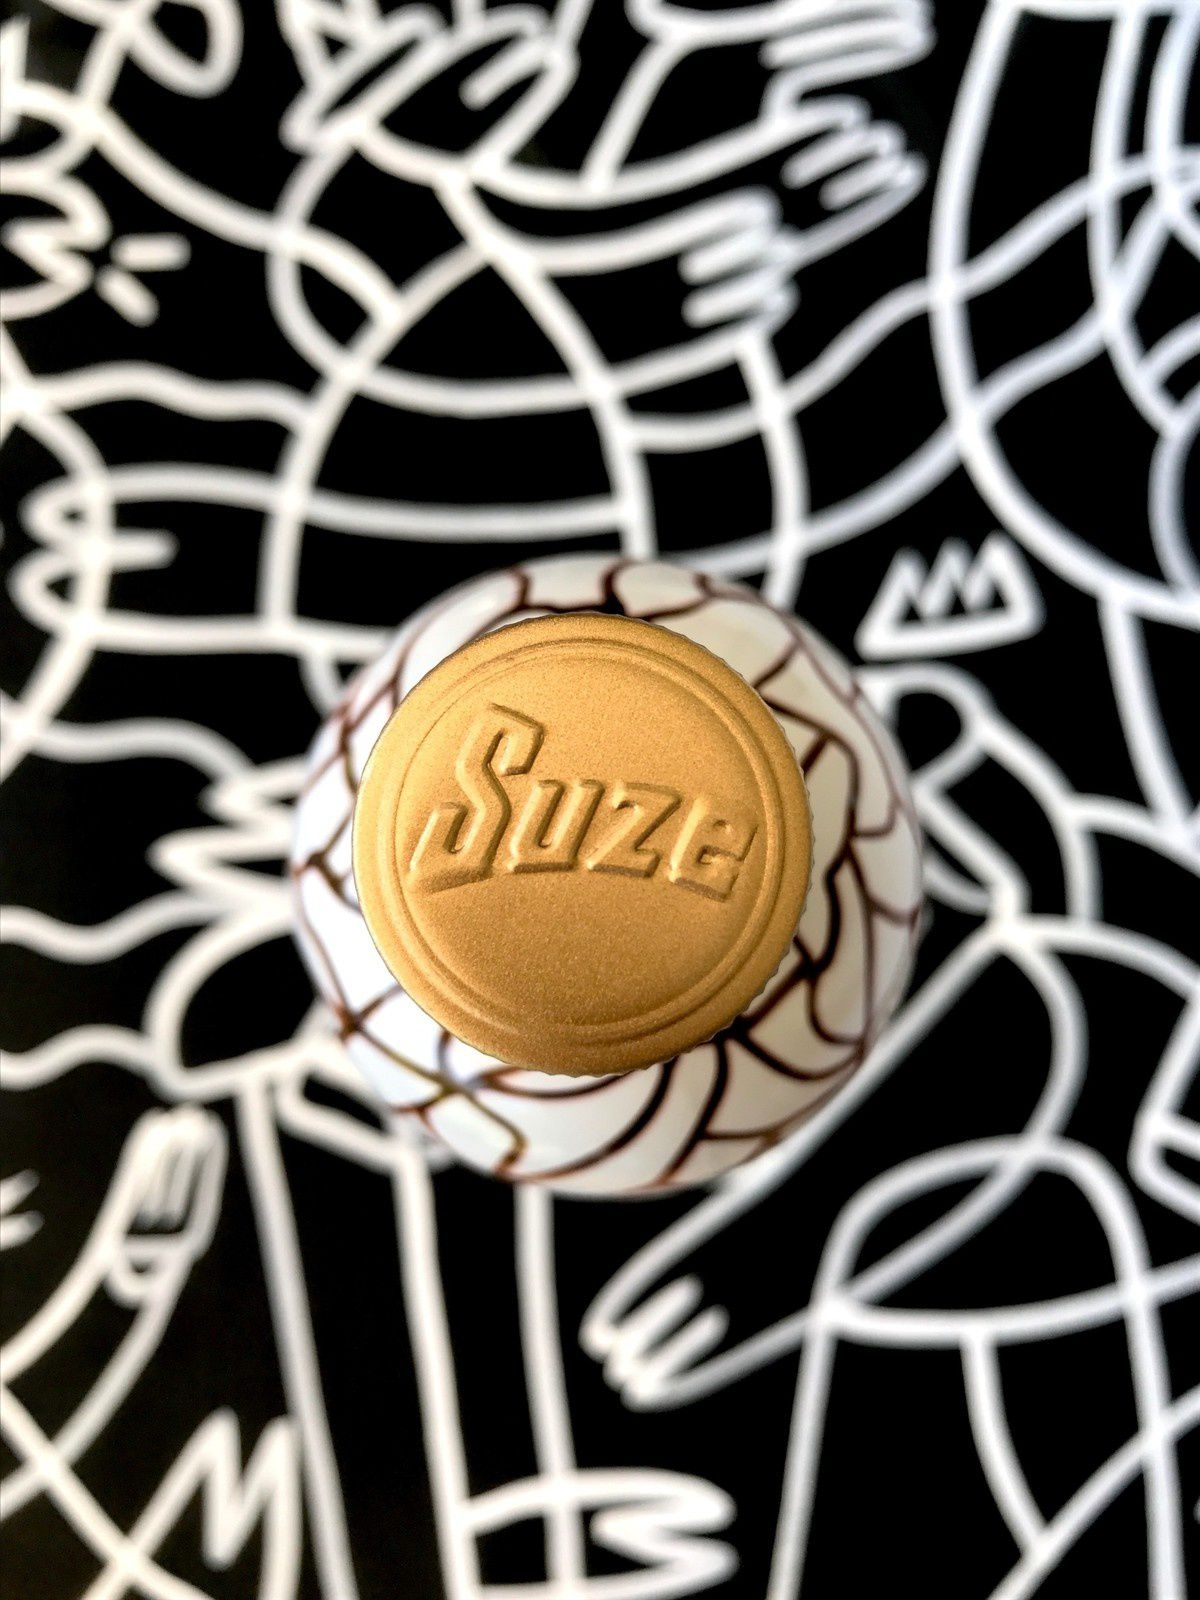 Edition limitée 2017 de la bouteille de Suze (groupe Pernod), inspirée de l'univers de la glisse (spiritueux) I Design : Agence 1969 x Lucas Beaufort (artiste plasticien amateur de street art), Paris (novembre 2017)